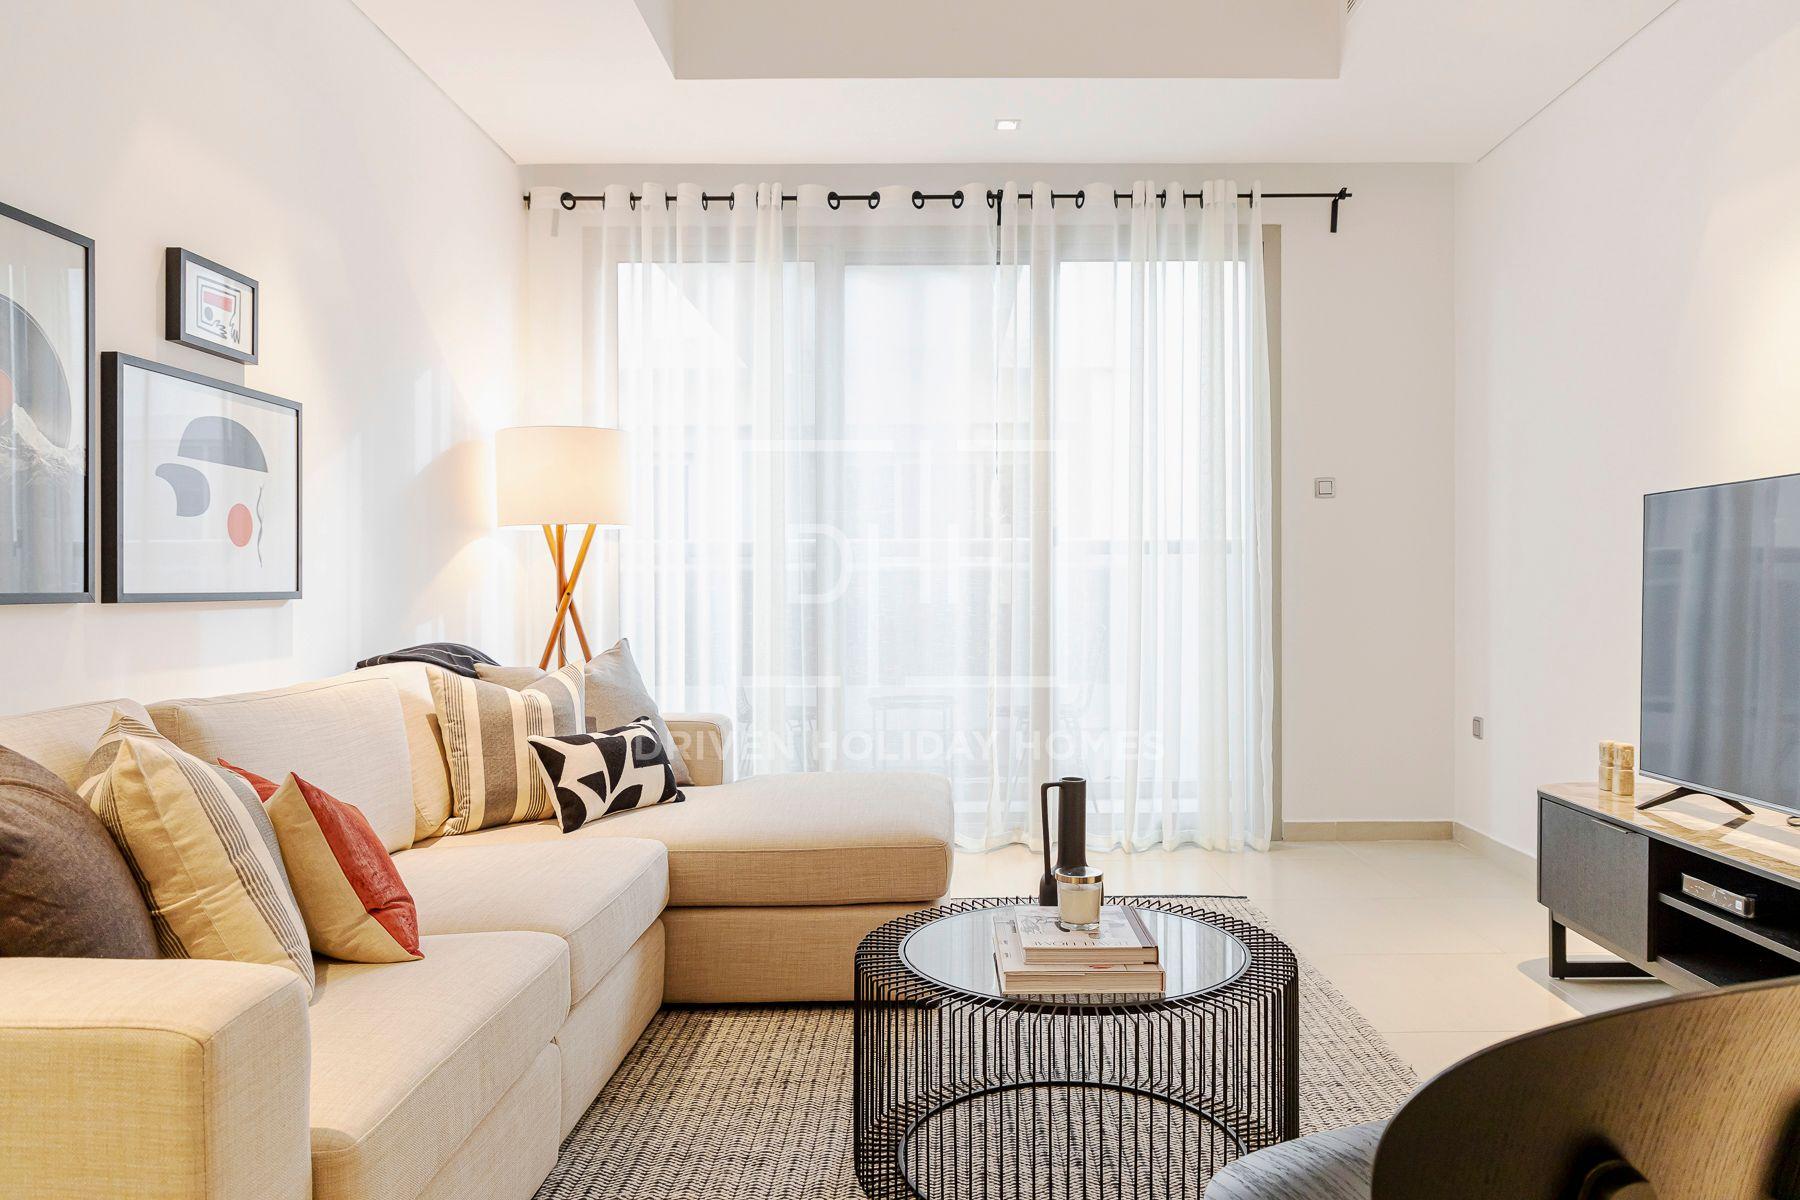 1,215 قدم مربع  شقة - للايجار - أم الشيف